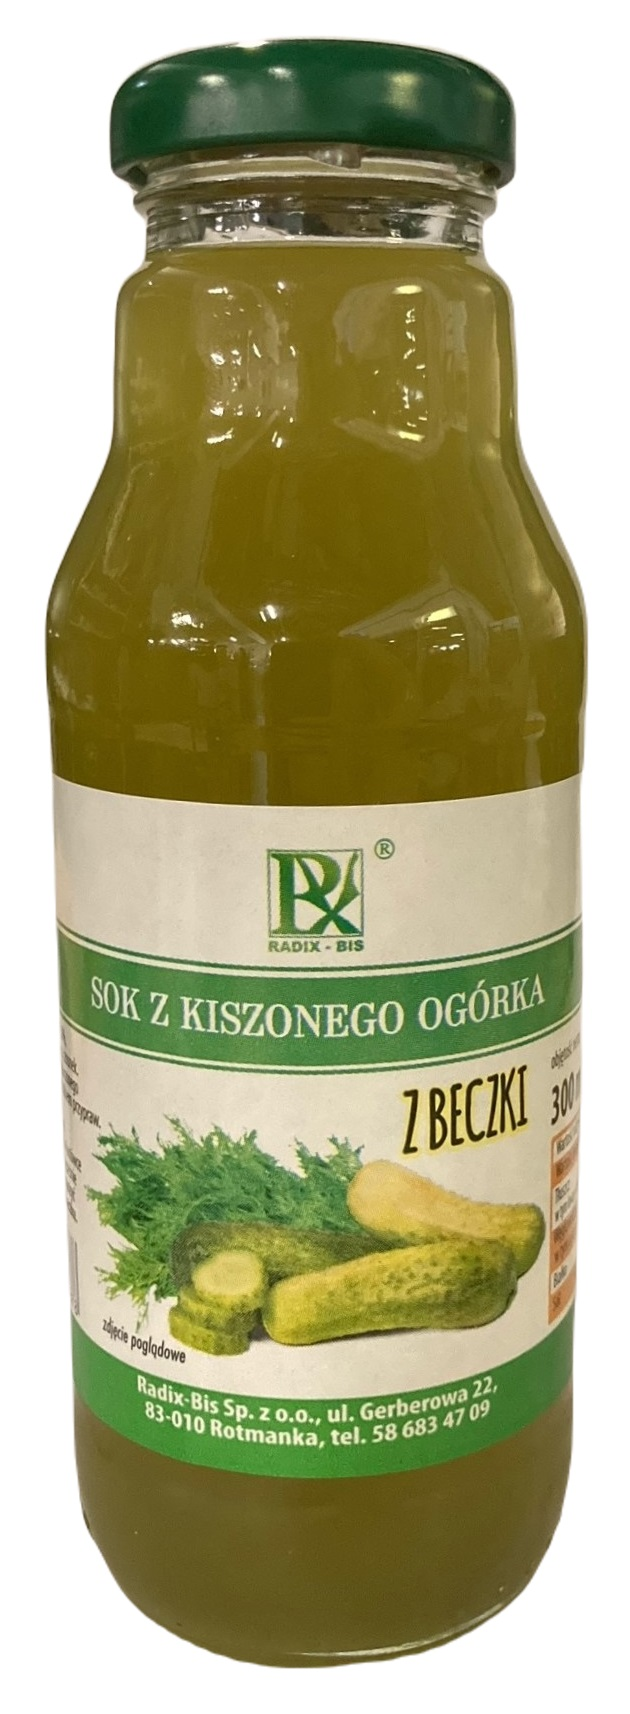 Radix-Bis sok z kiszonego ogórka z beczki